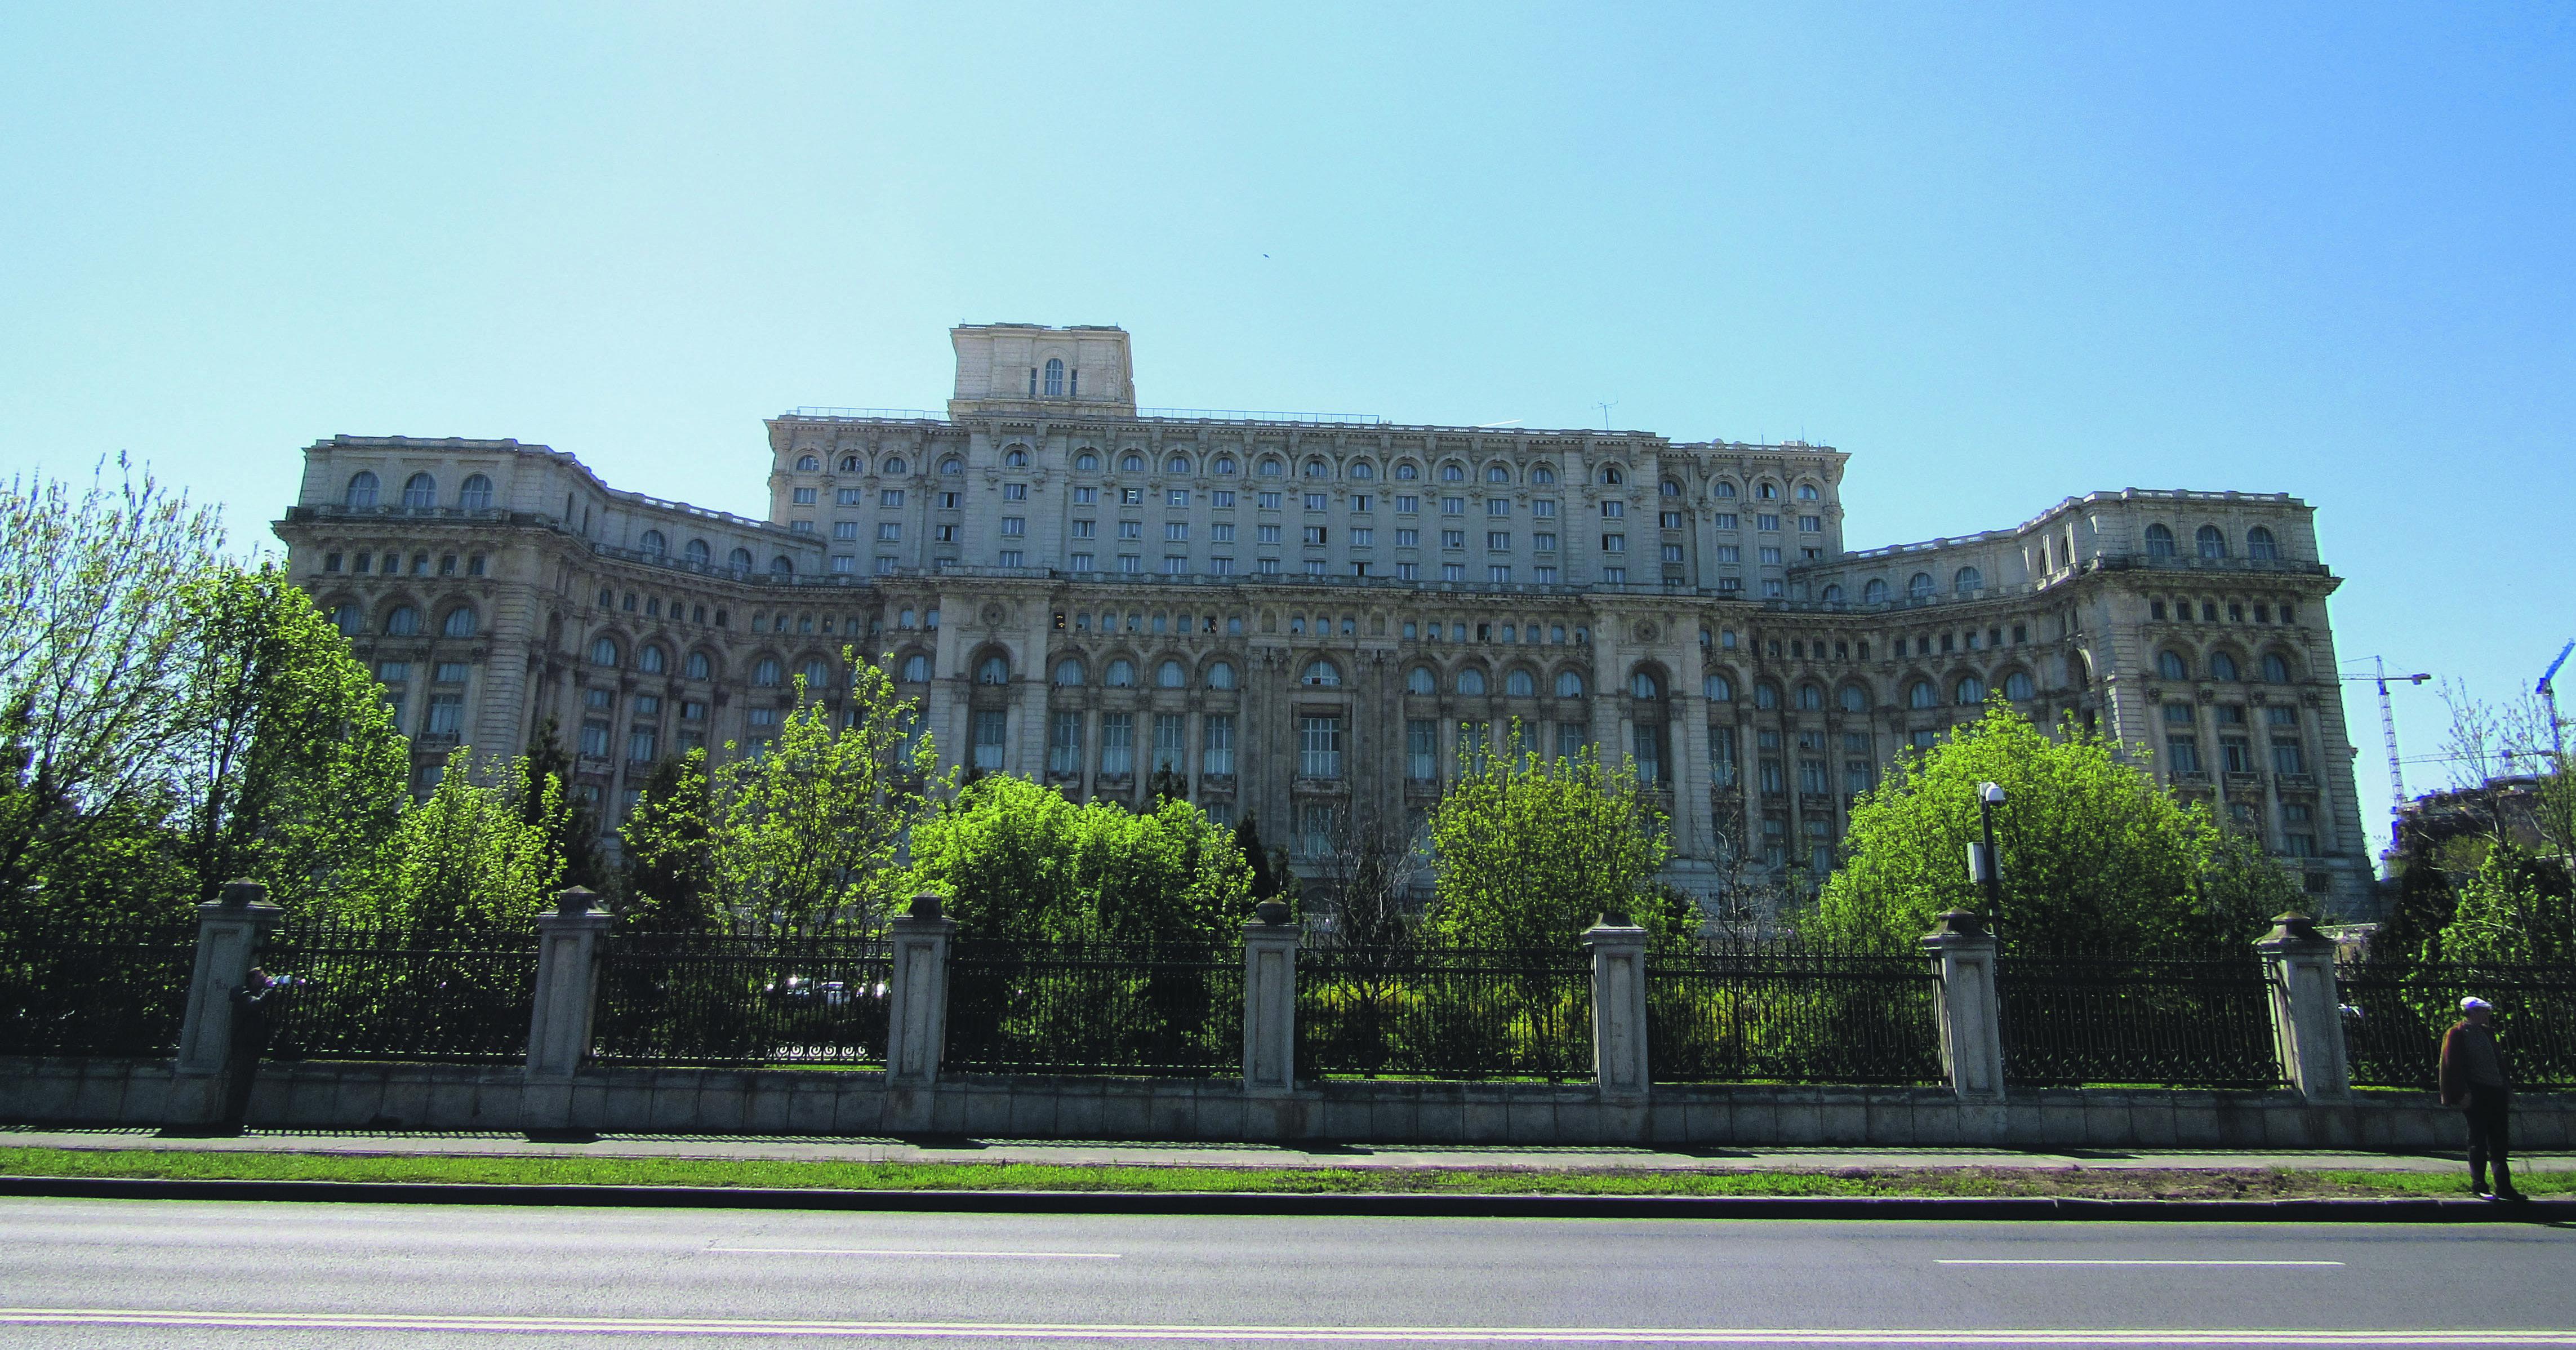 Im Schatten der Baukräne: Seit 1989 schleppt sich die Vollendung des Parlamentspalasts dahin. Foto: Viola Heeger